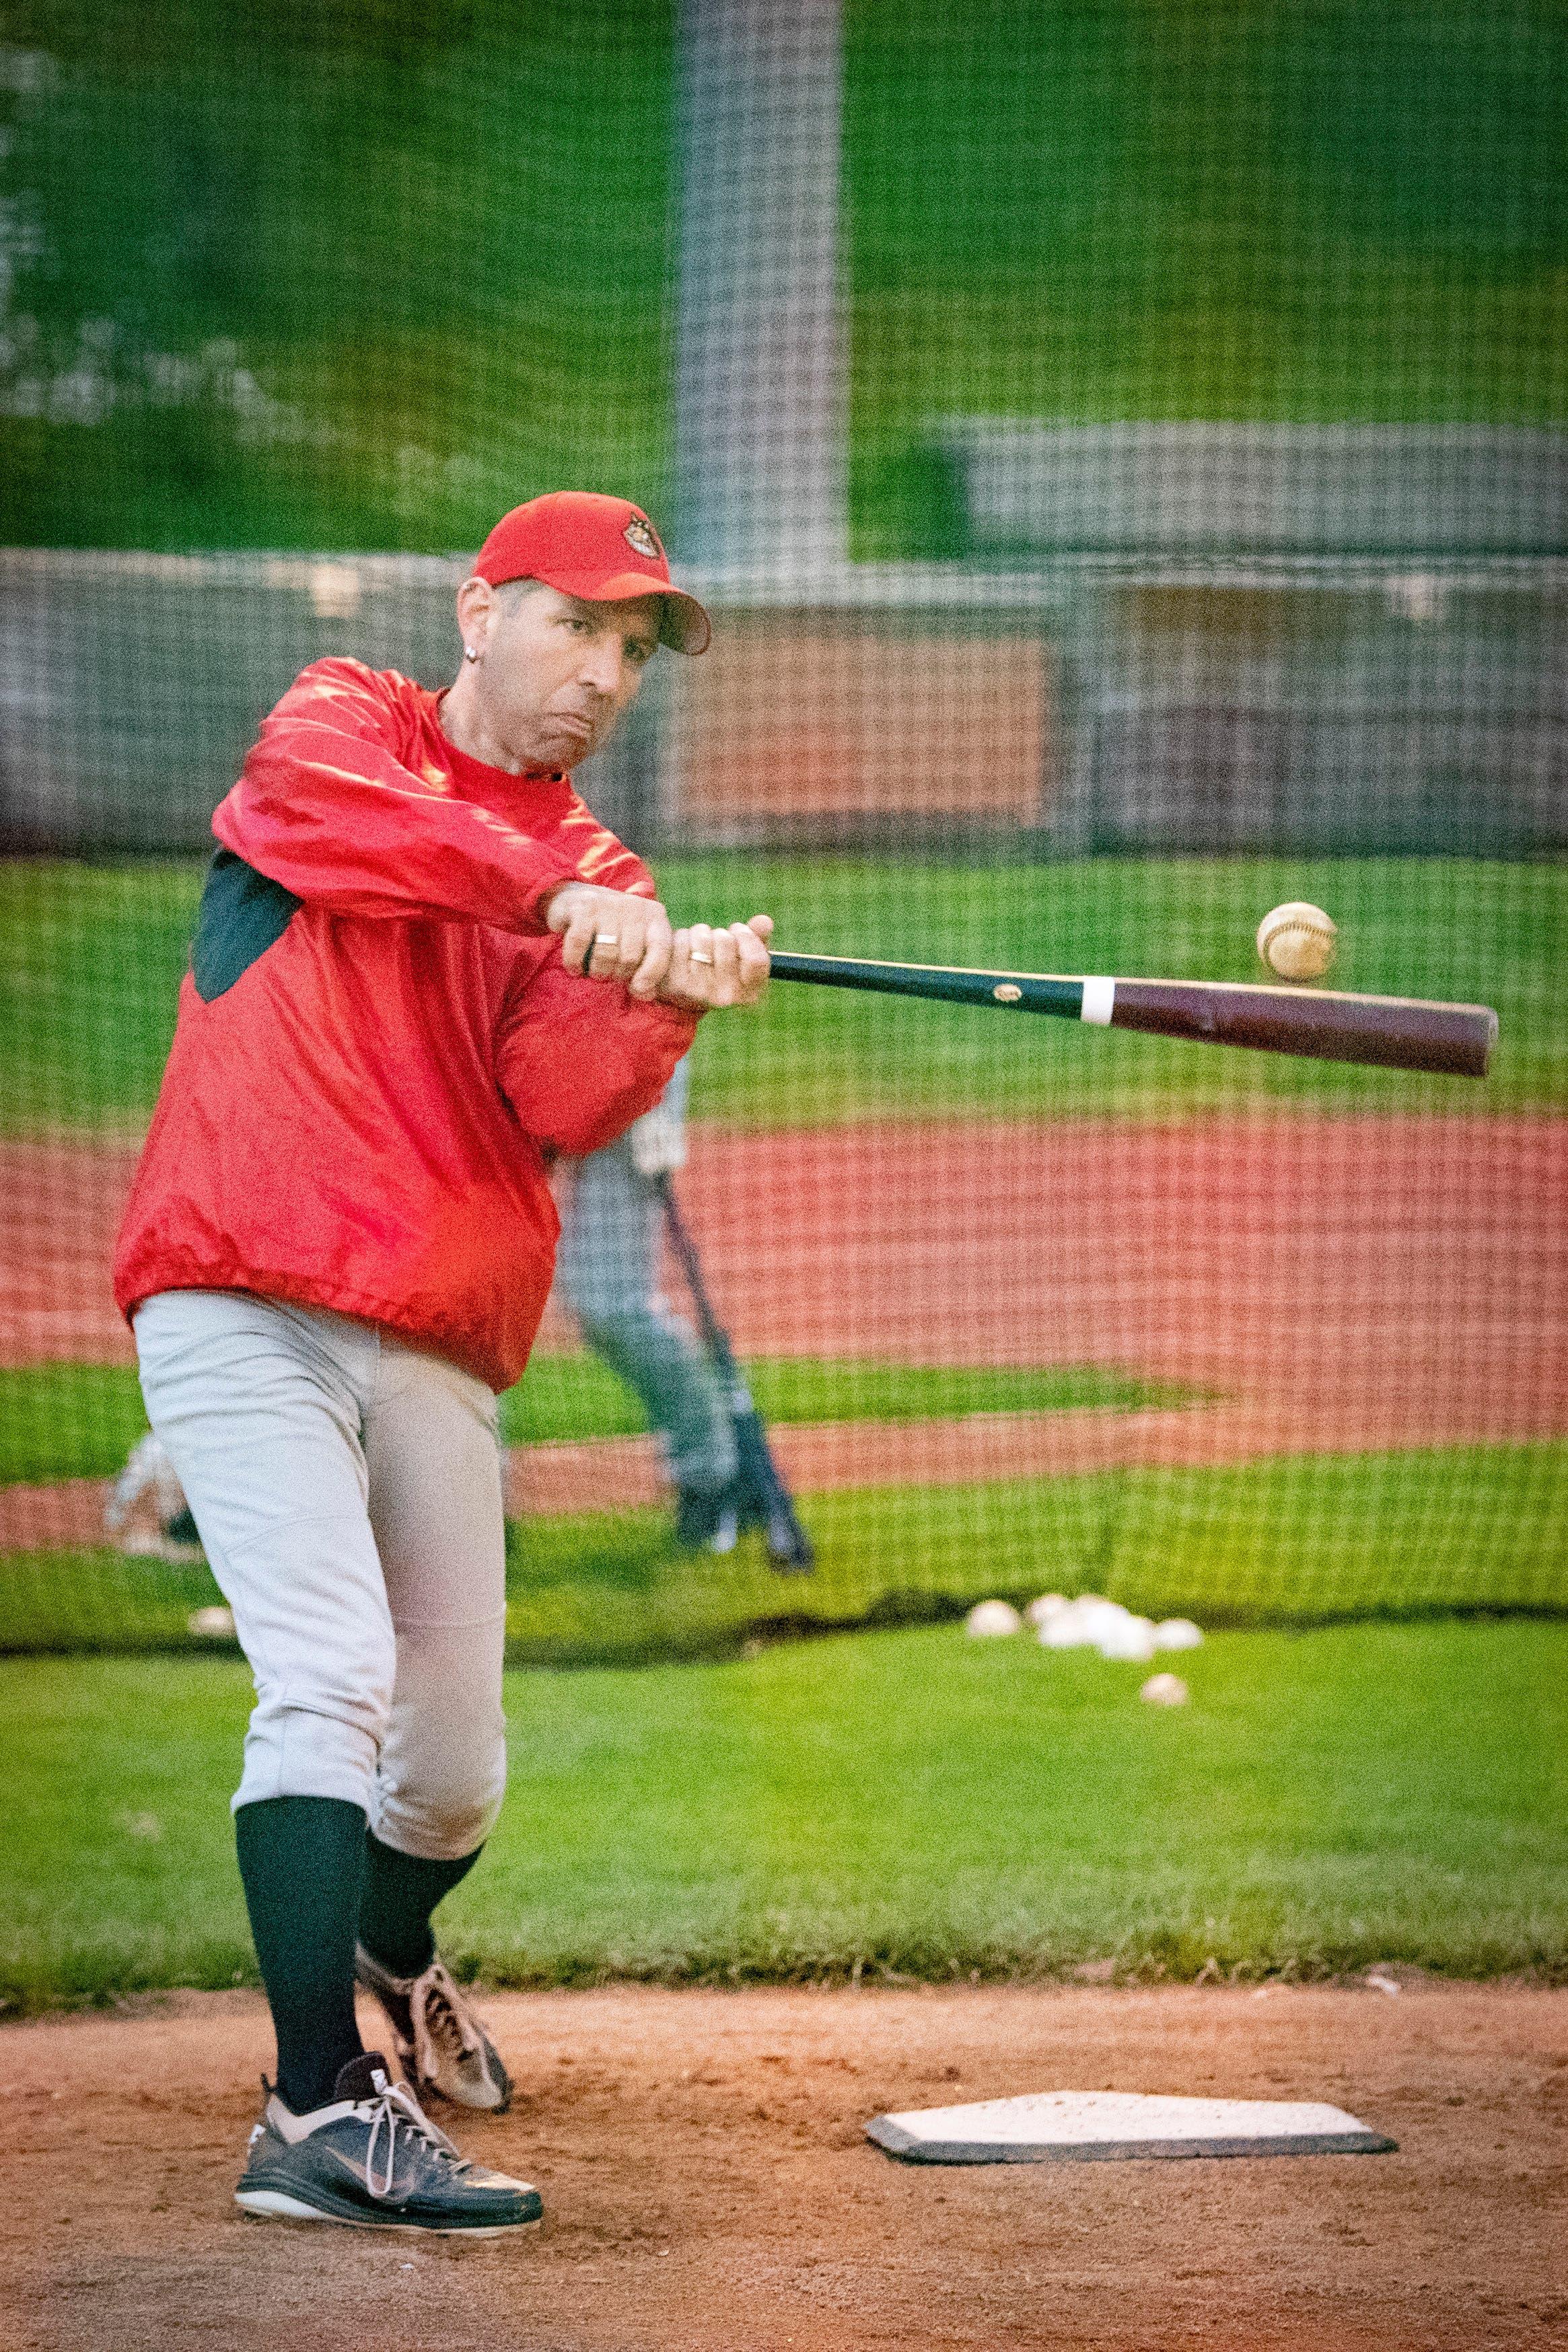 Ein Schlagmann trifft den Ball – und verhindert so einen Strike.